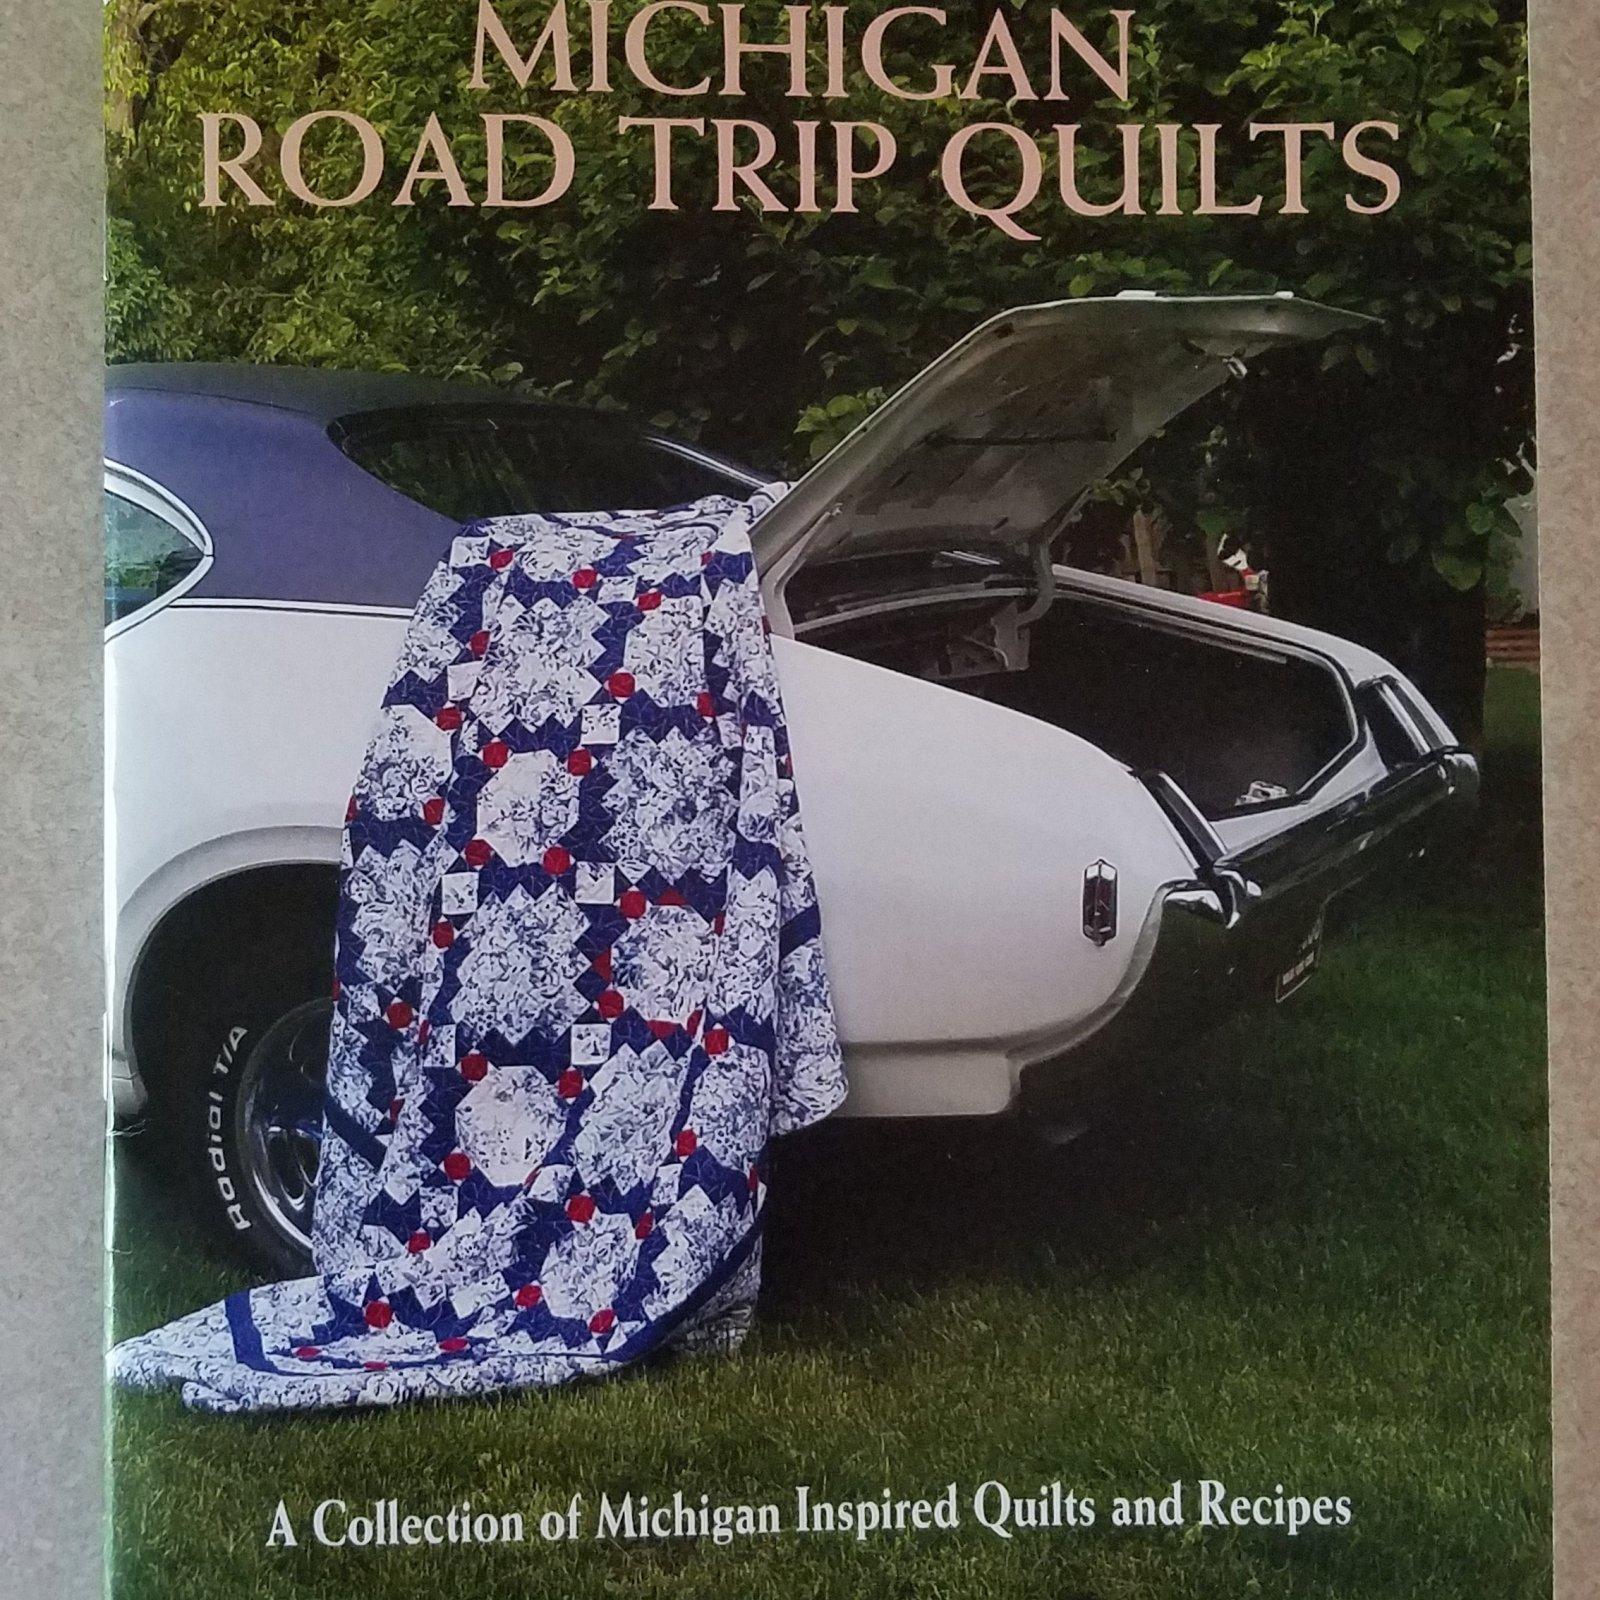 Michigan Road Trip Quilts